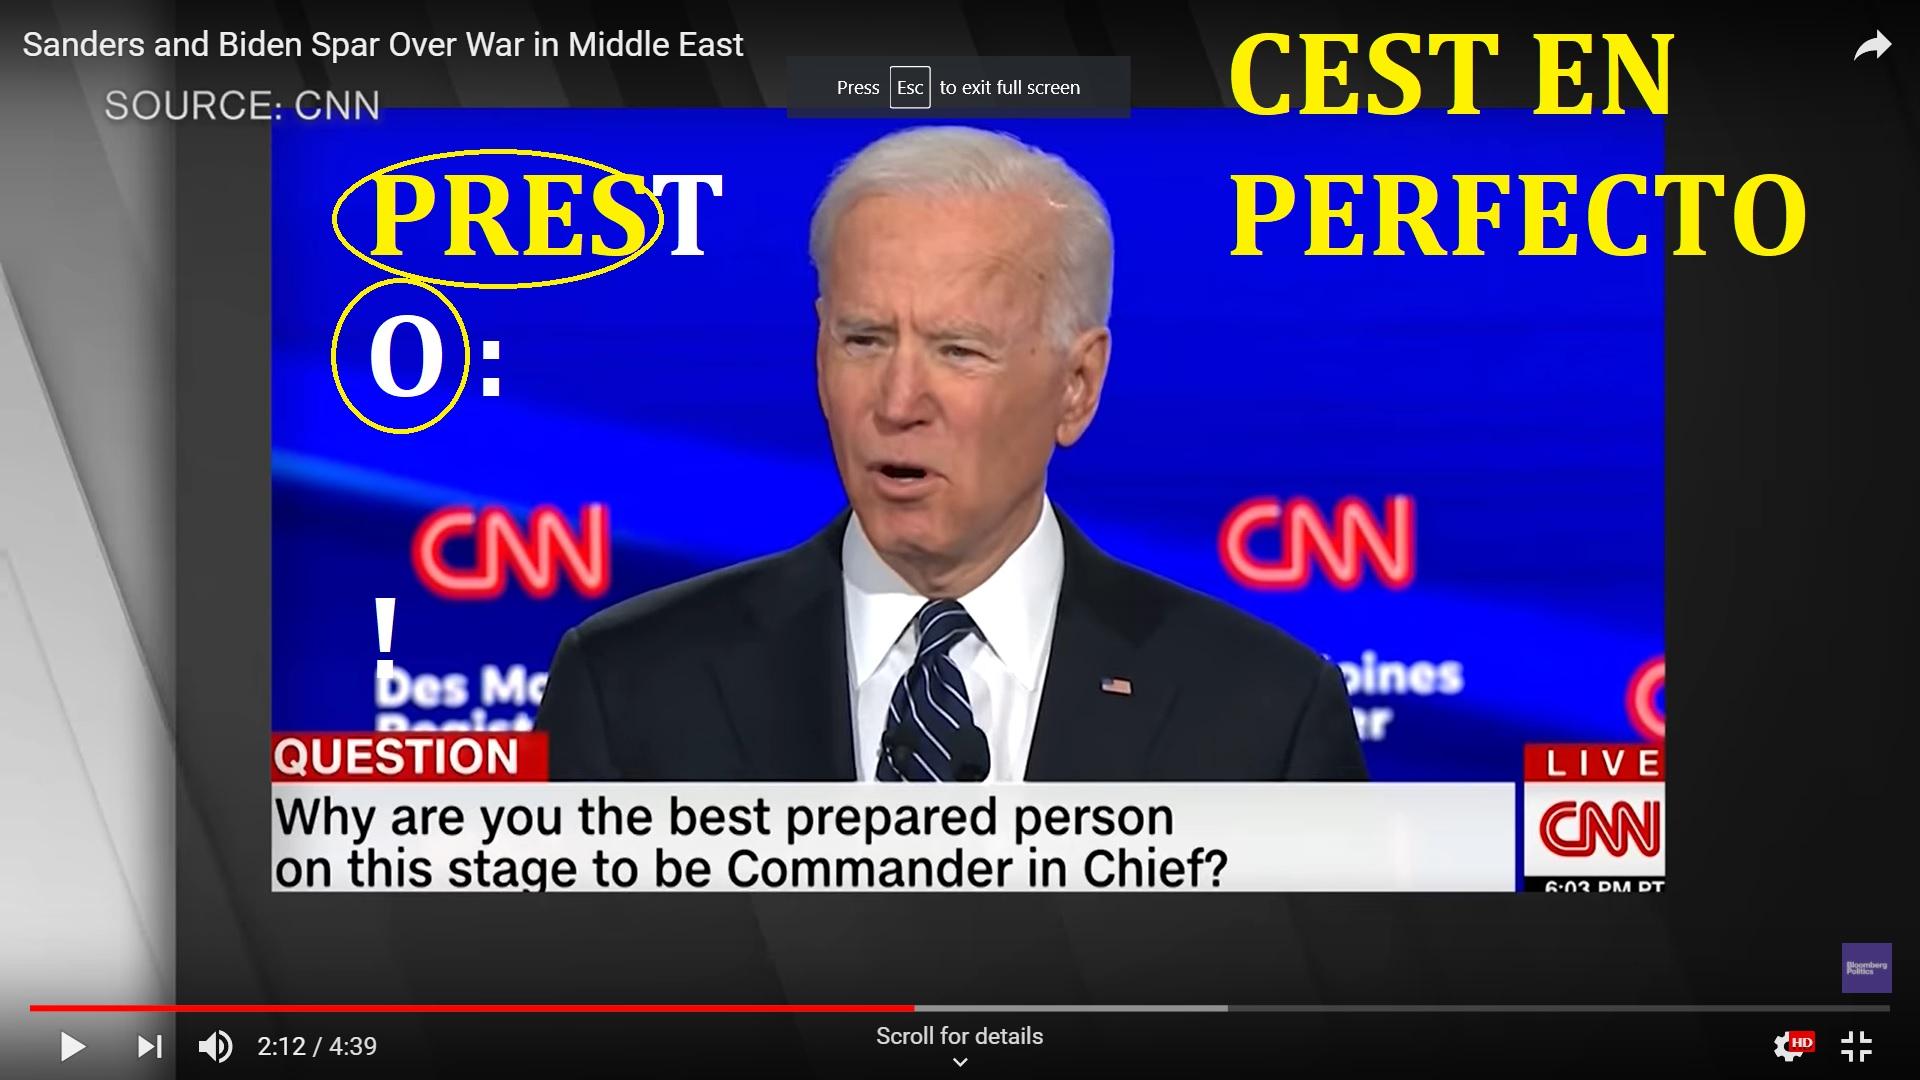 JOE BIDEN ON IRAQ